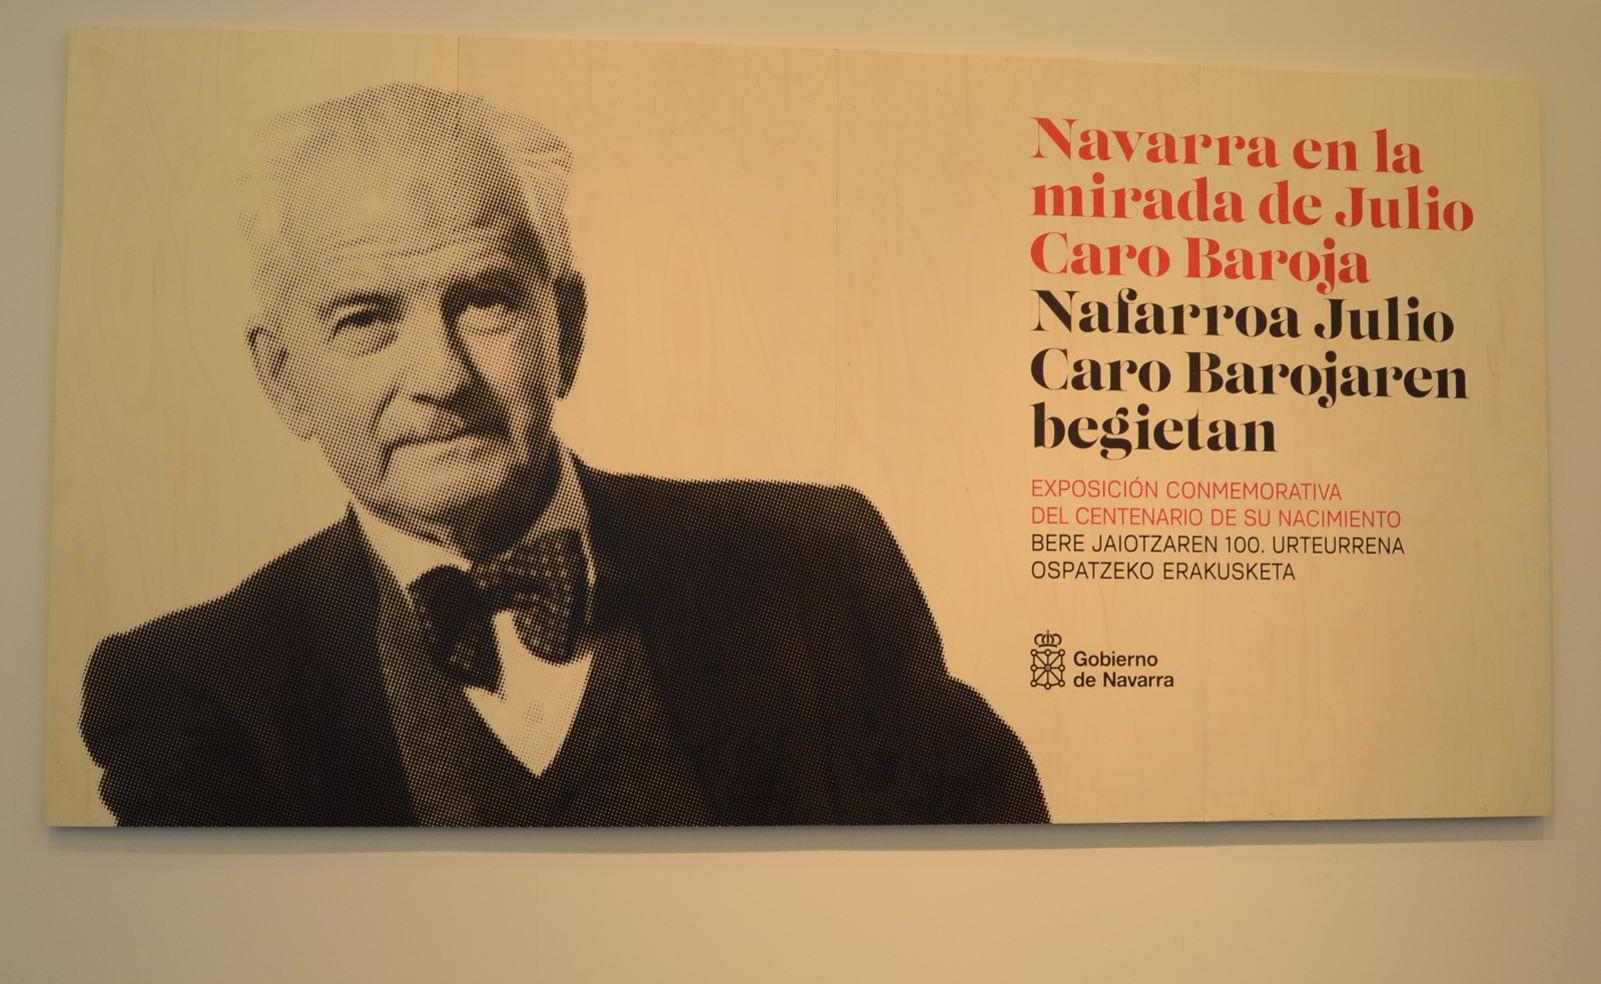 La Mirada de Julio Caro Baroja